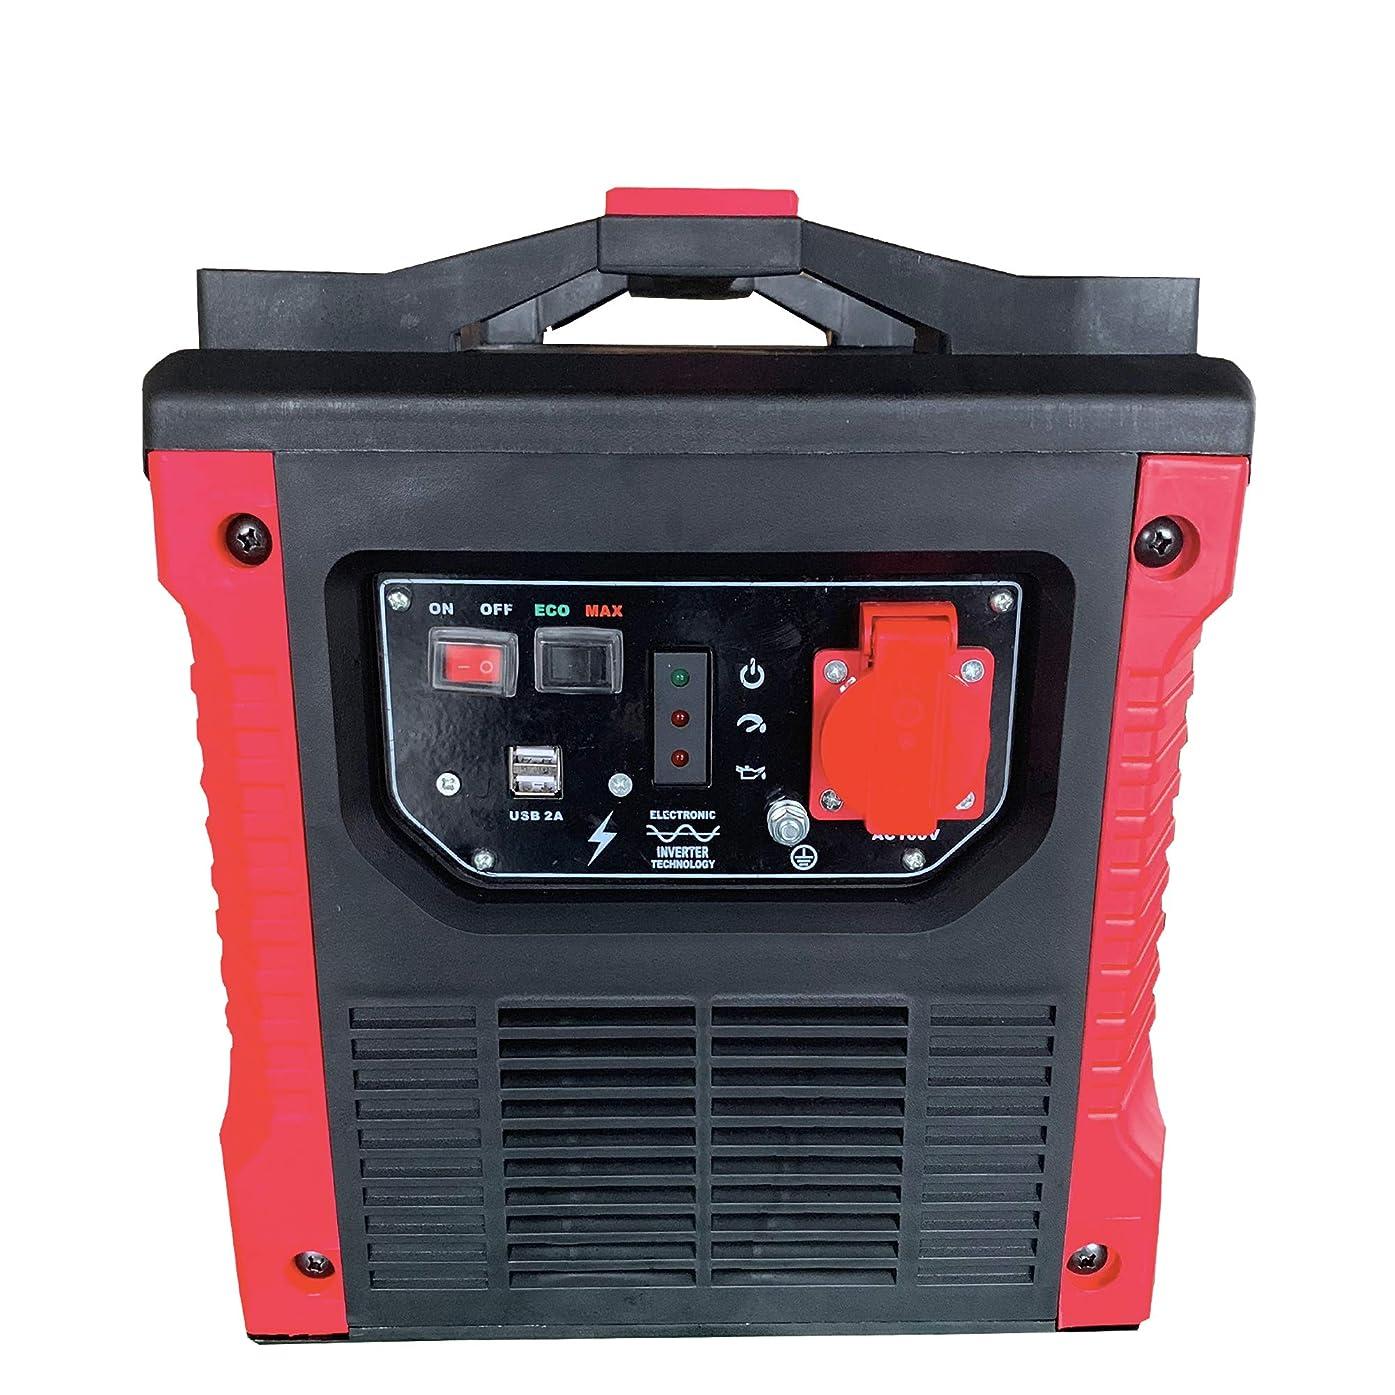 焦げ若いビジュアル正弦波 インバータ発電機 1500w 100vコンセント 2A USB2ヶ所 搭載 耐震設計 コンパクト軽量 災害 キャンプ